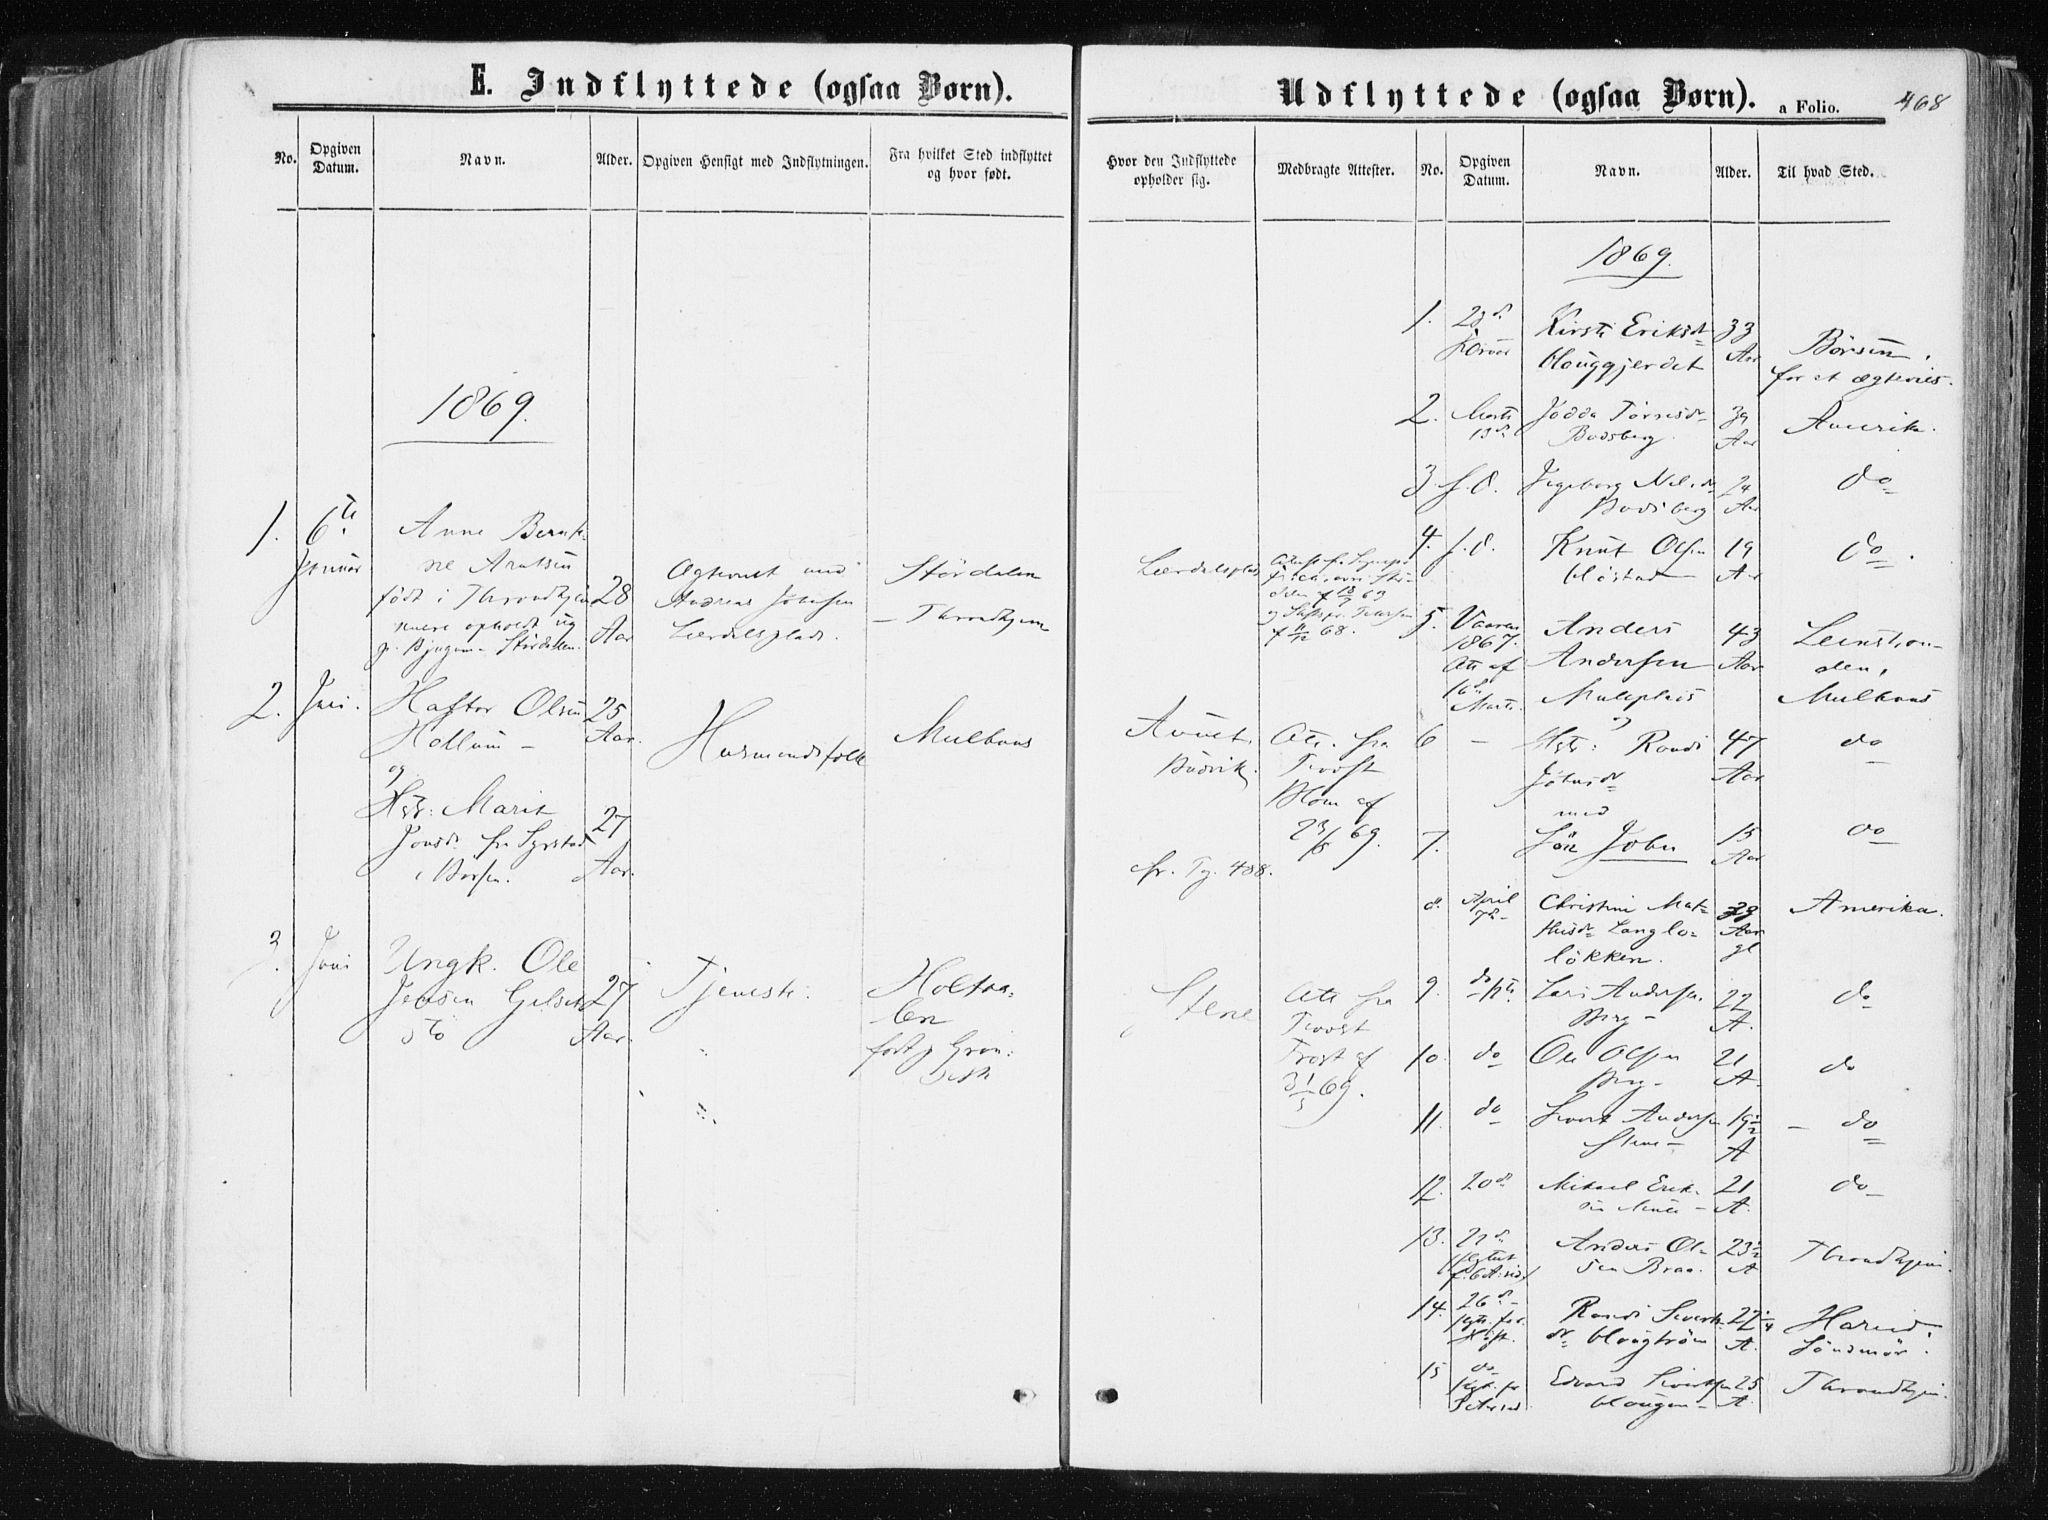 SAT, Ministerialprotokoller, klokkerbøker og fødselsregistre - Sør-Trøndelag, 612/L0377: Ministerialbok nr. 612A09, 1859-1877, s. 468